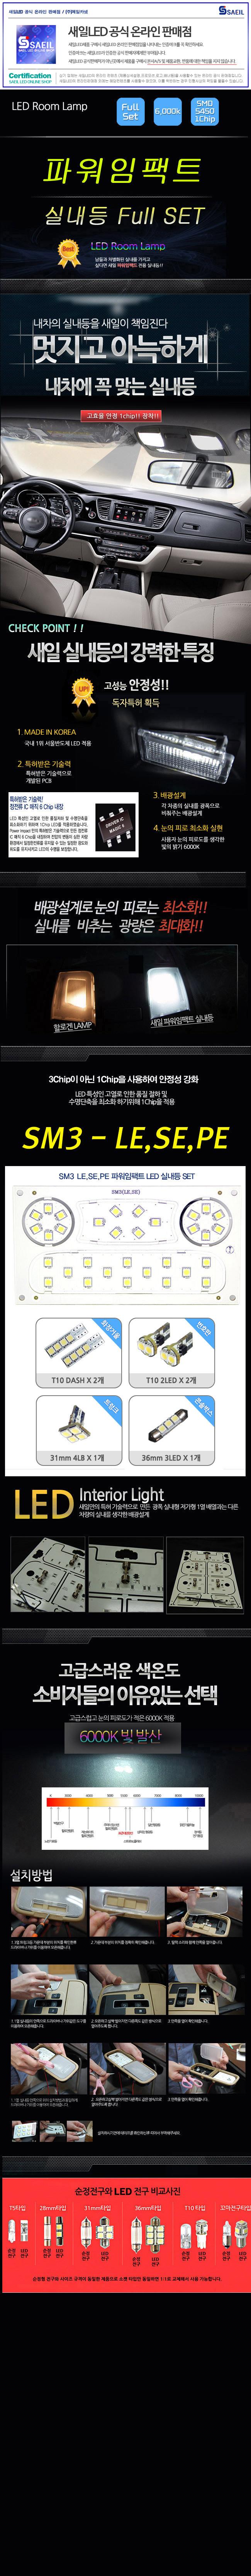 [파워임팩트] 새일 LED실내등 고급형 풀세트 _ SM3 (LE,SE,PE)